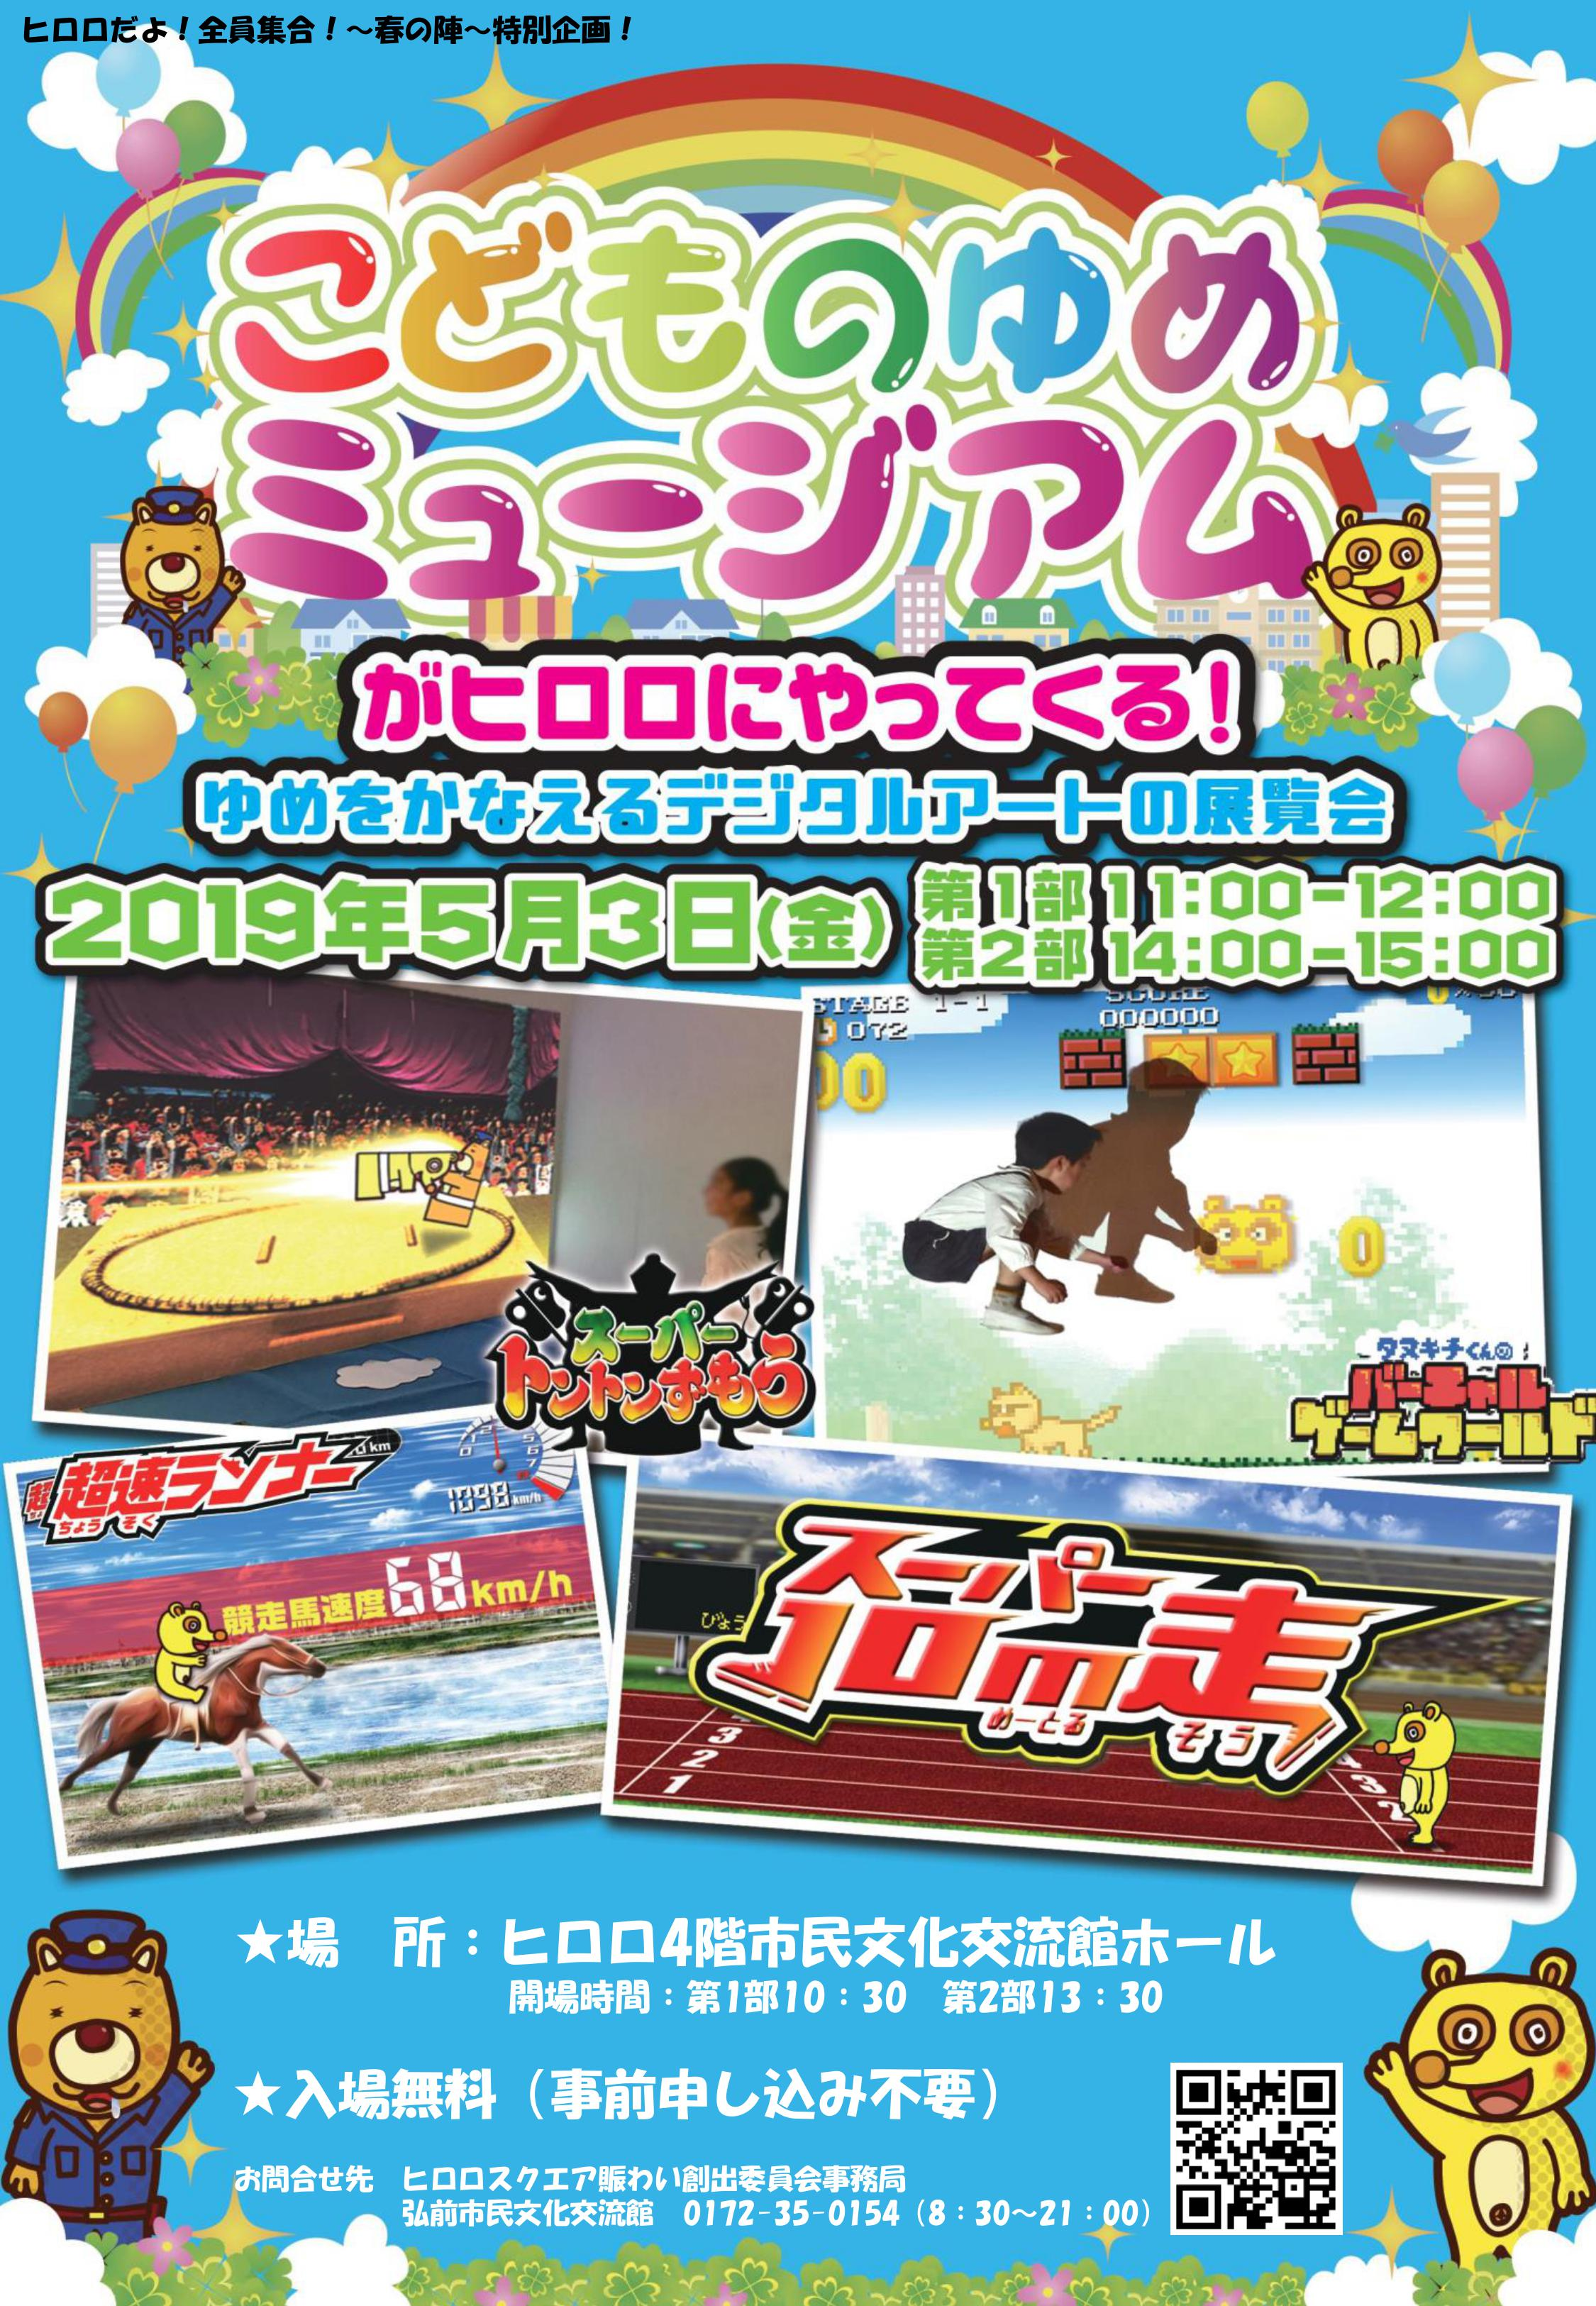 こどものゆめミュージアム.jpg